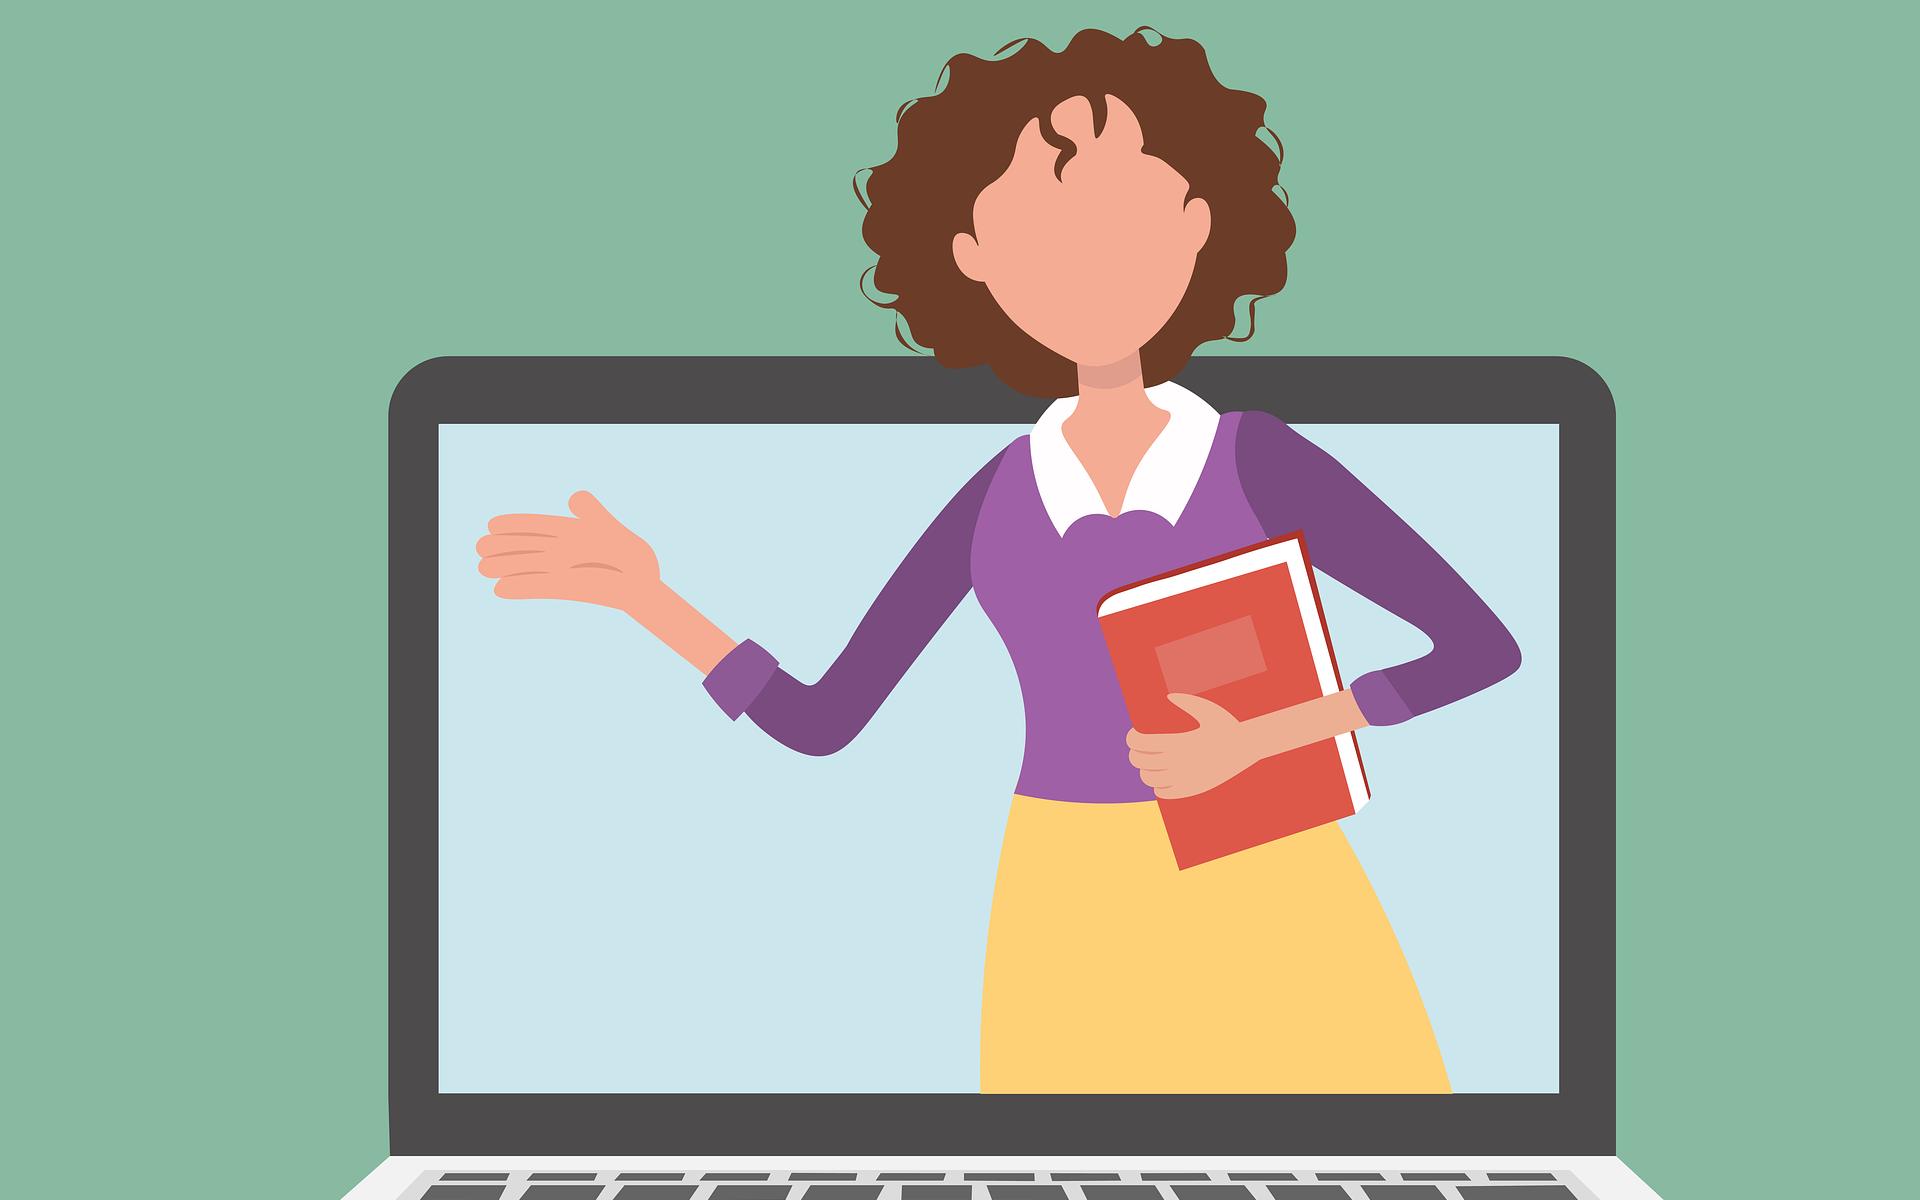 Kuvitettu kuva, jossa on kannettava tietokone, jonka ruudulla on opettaja.